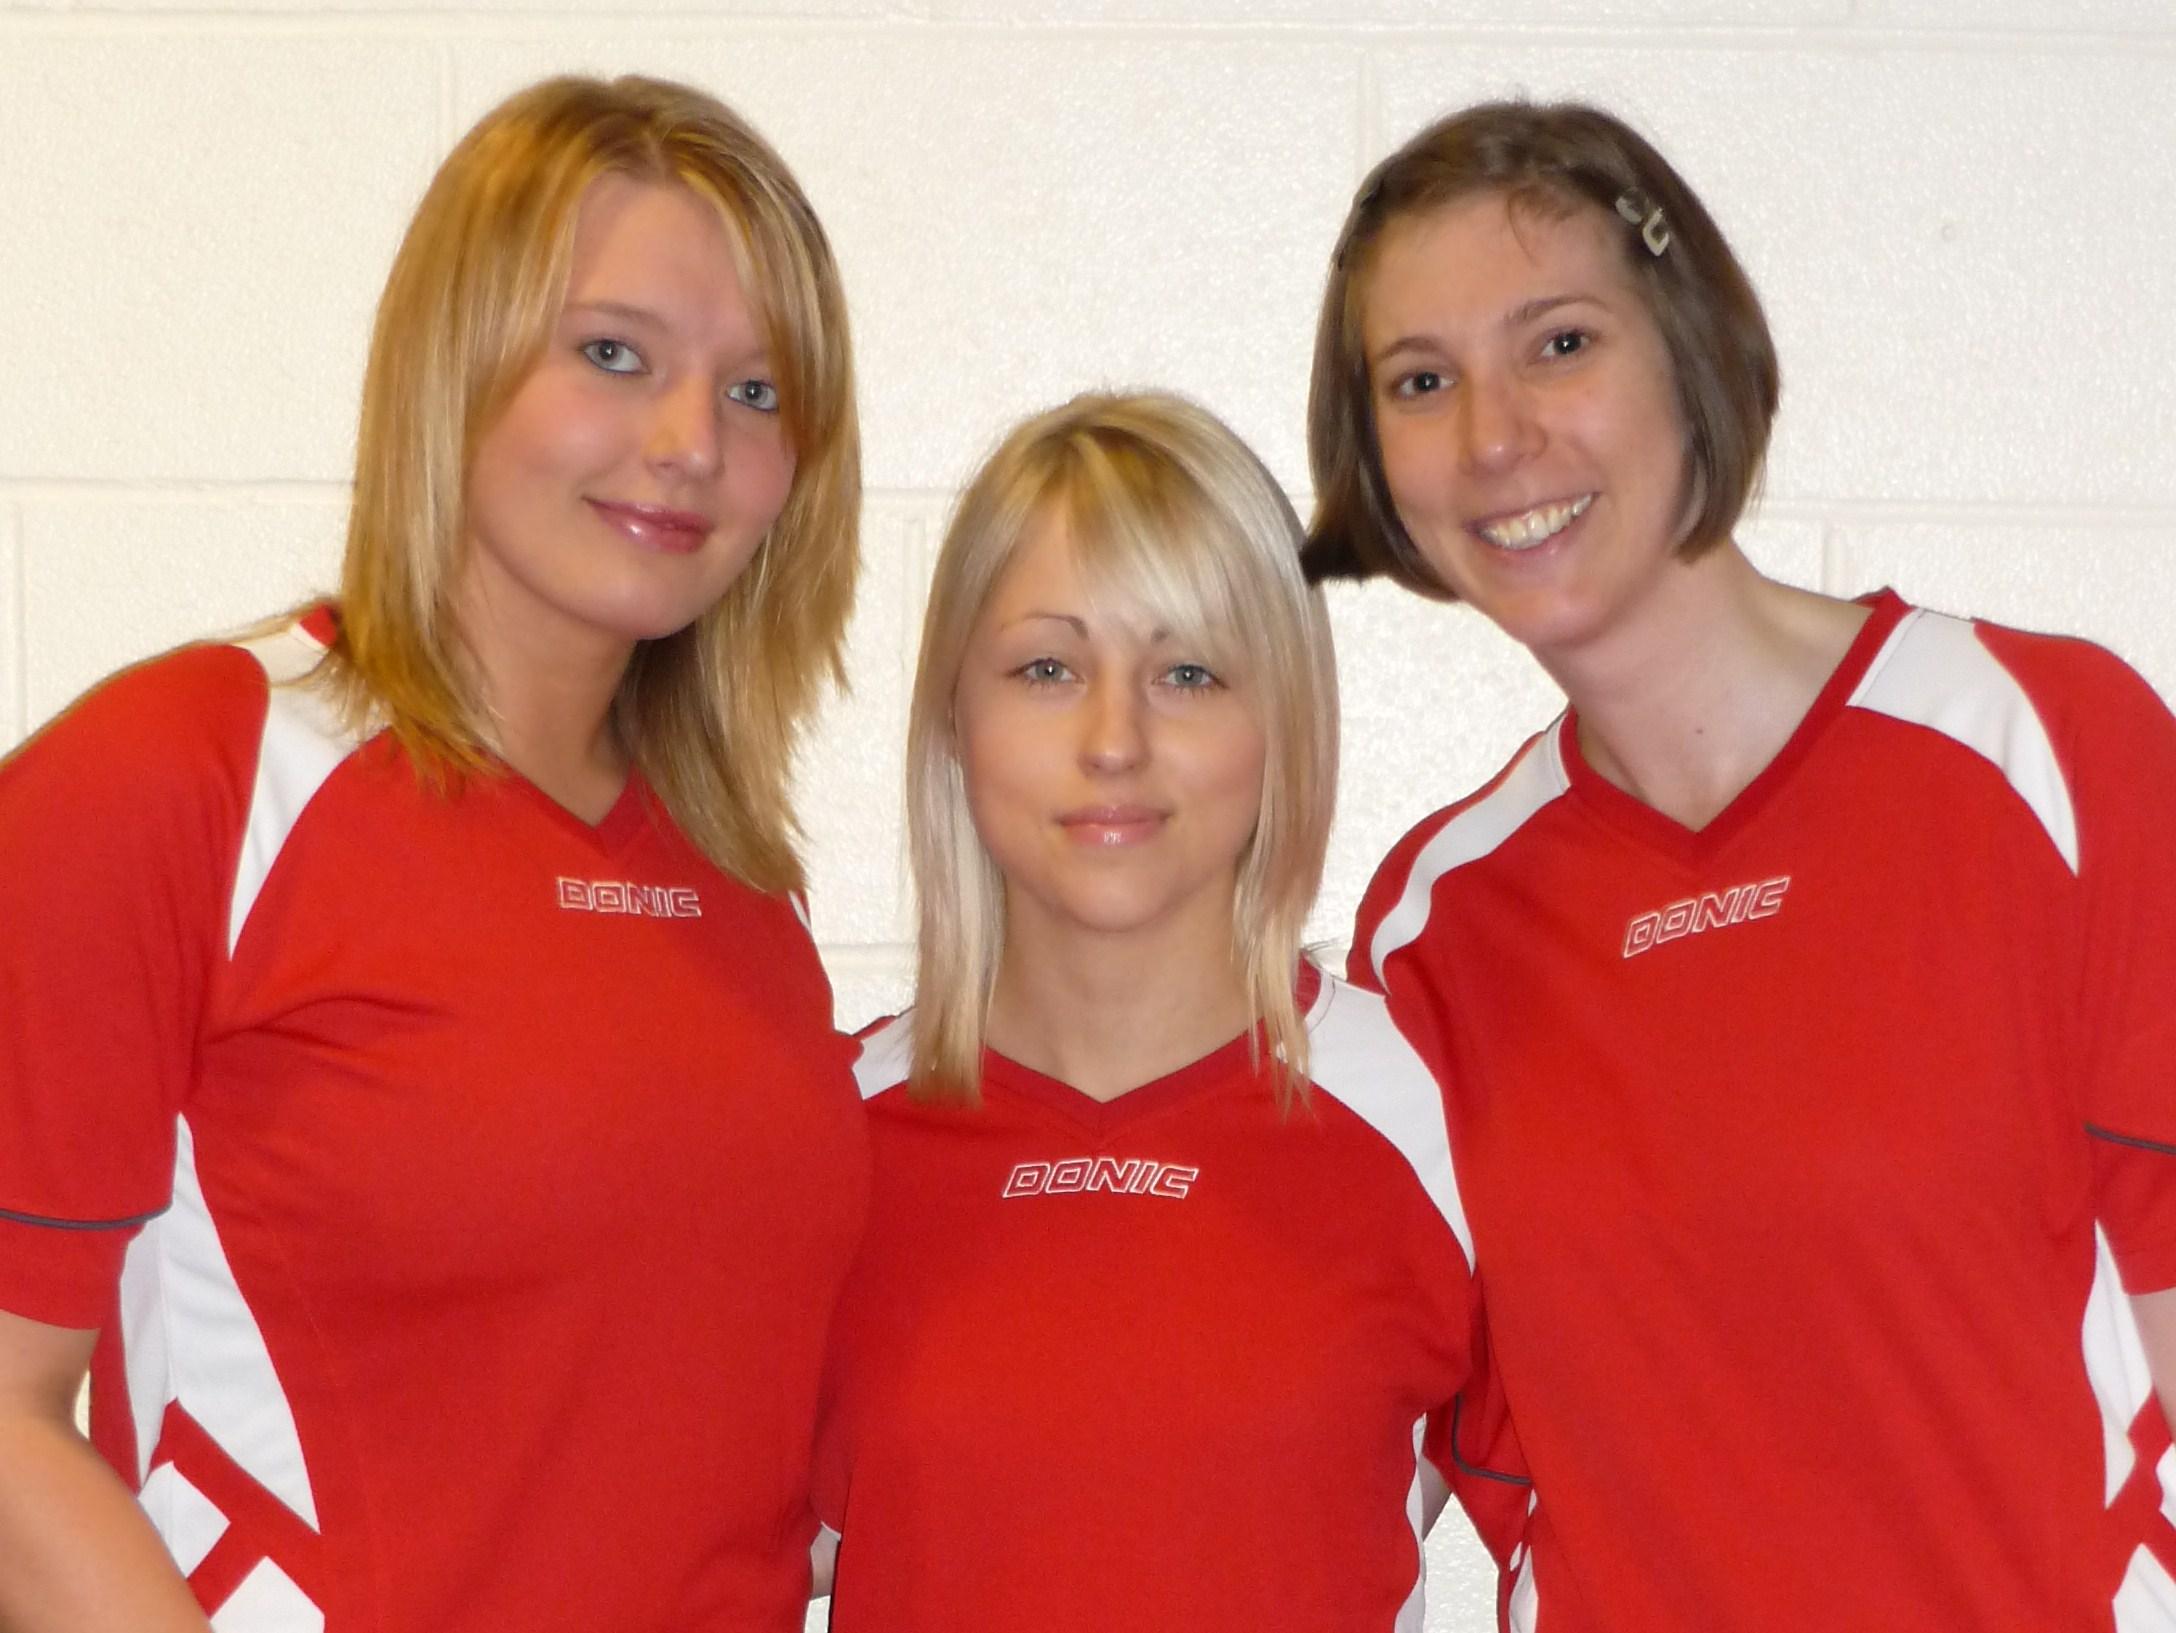 NETTS Womens British League Team